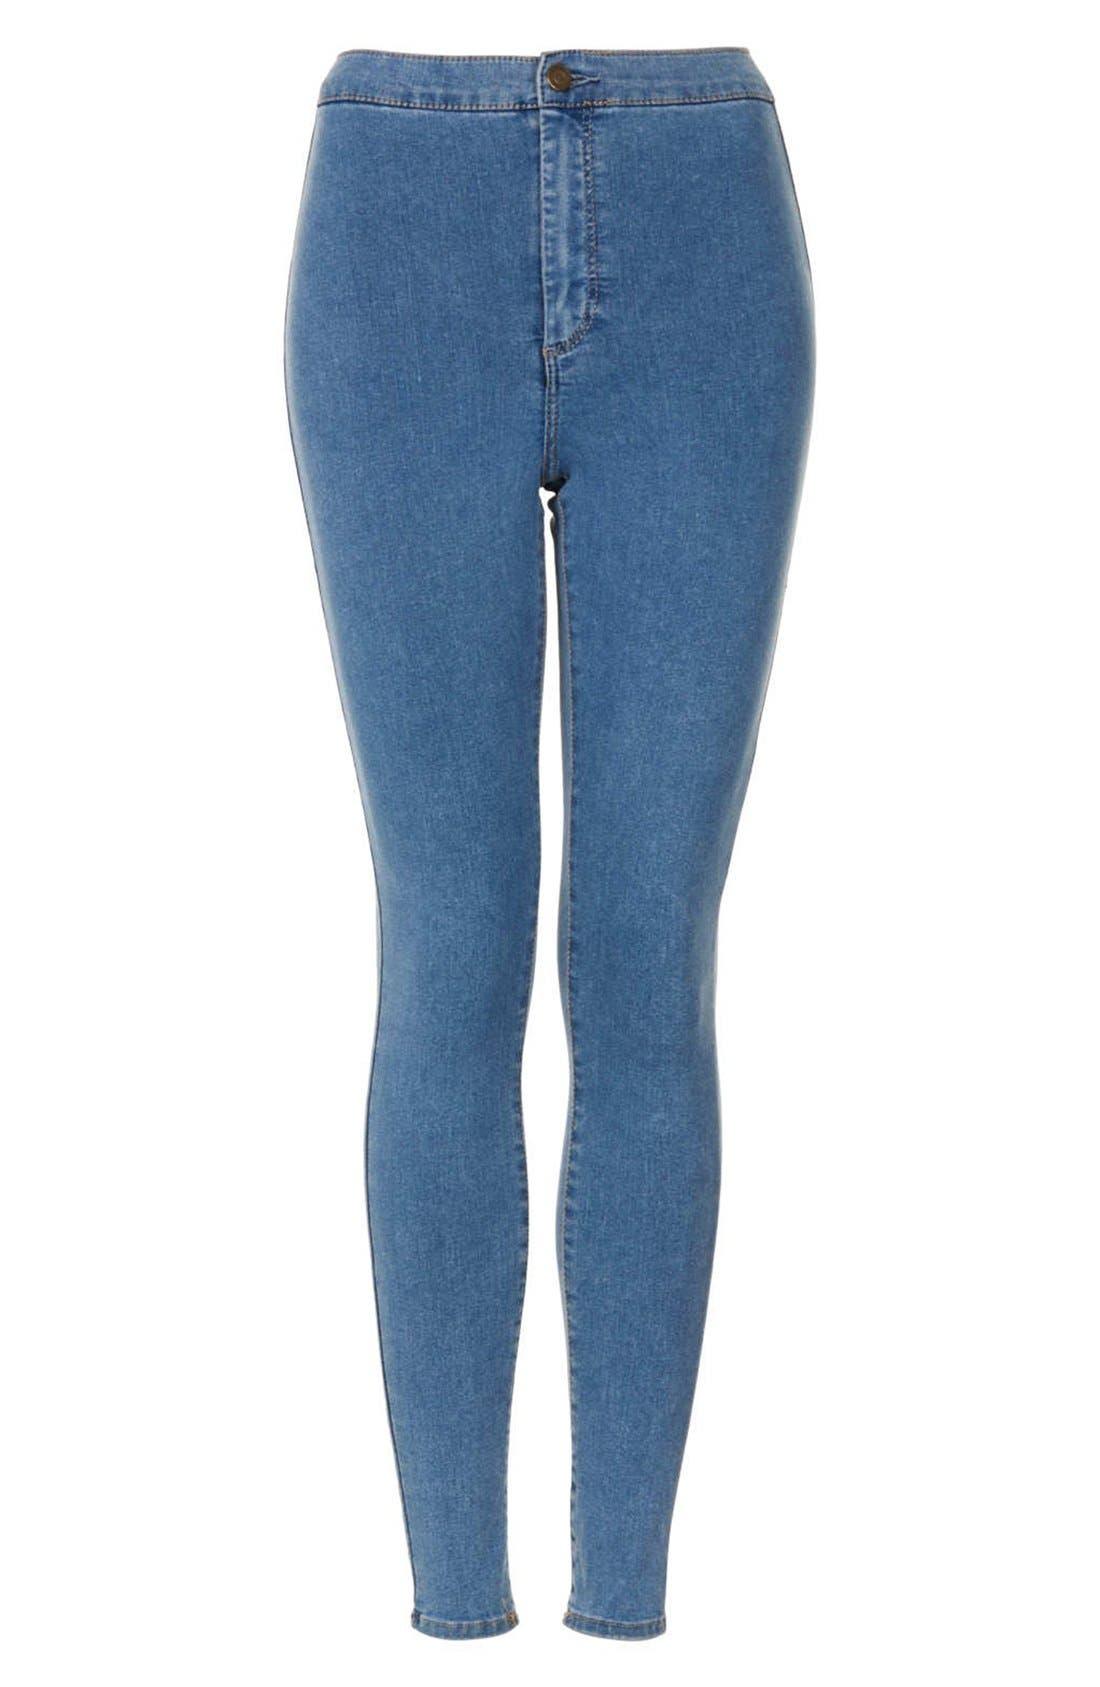 Alternate Image 3  - Topshop Moto 'Joni' High Rise Skinny Jeans (Mid Stone) (Short)